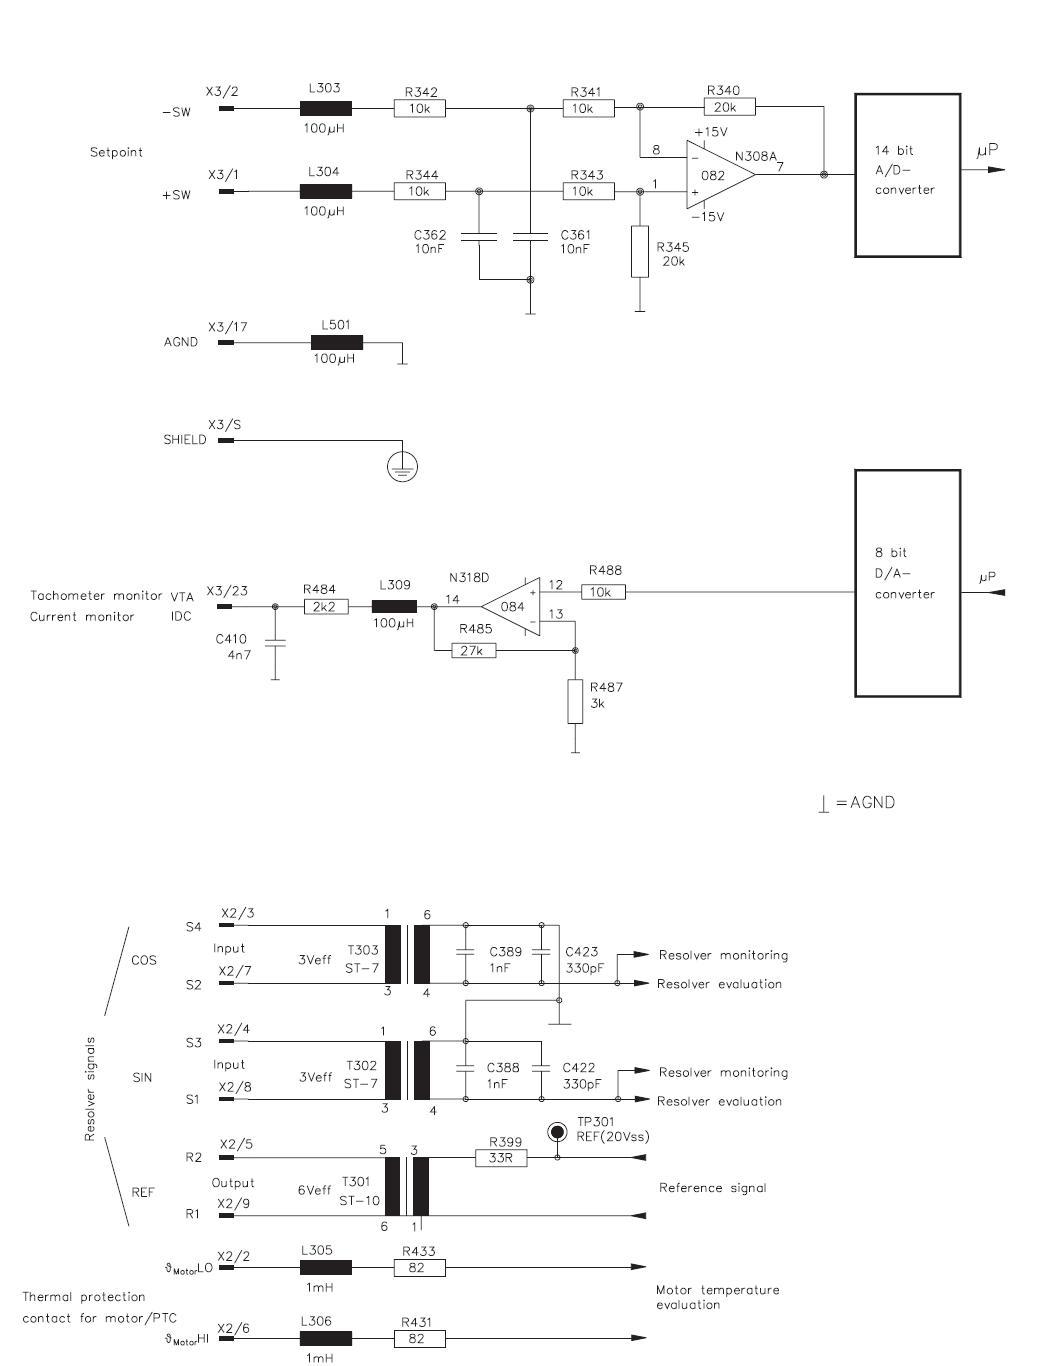 Schemat blokowy datowania z samolotu